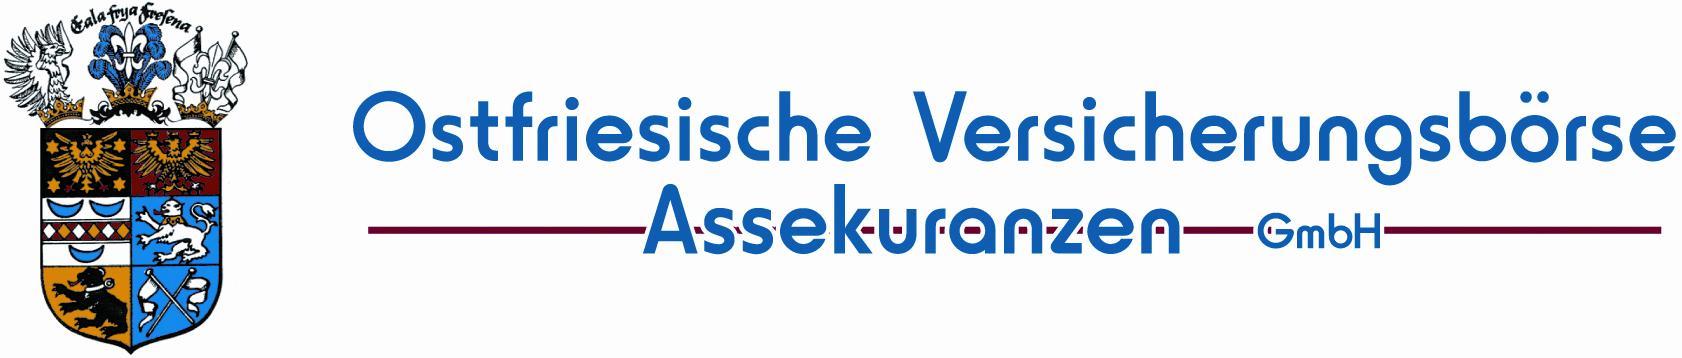 Partnerlogo der Ostfrisischen Versicherungsbörse